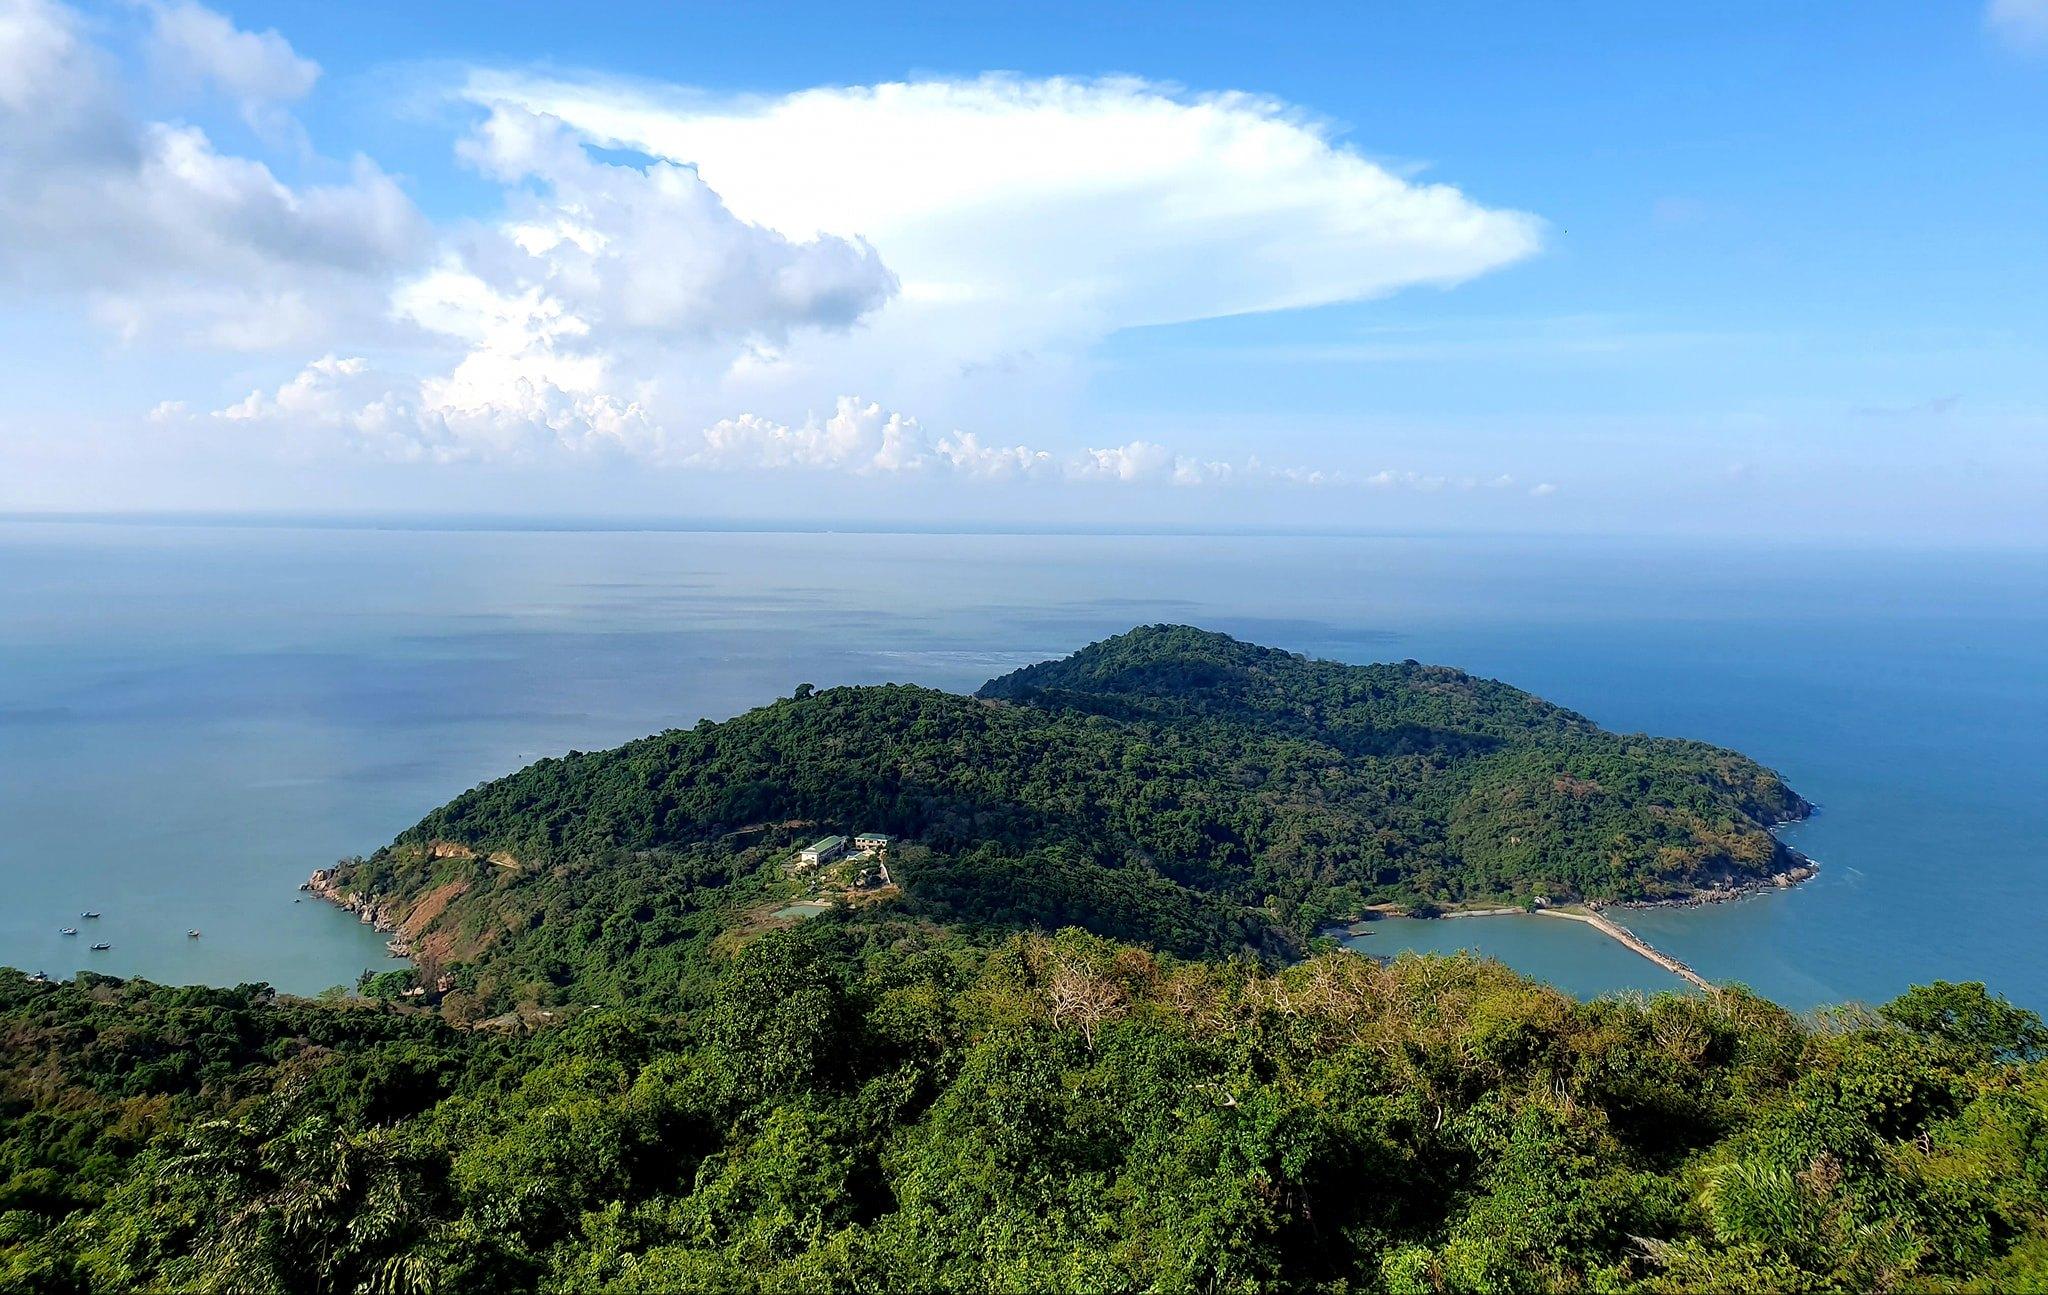 Khám phá vẻ đẹp hoang sơ của Đảo Hòn Khoai - Cà Mau